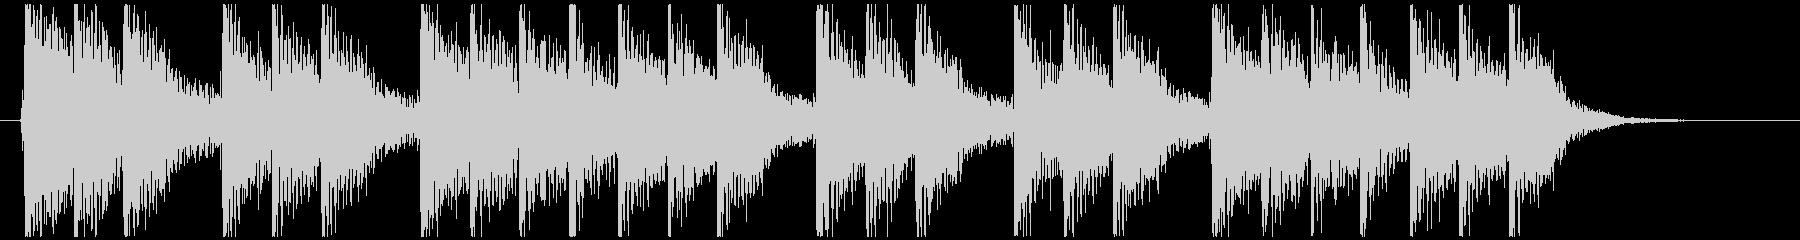 三三七拍子モチーフ力強い和風ジングル 4の未再生の波形